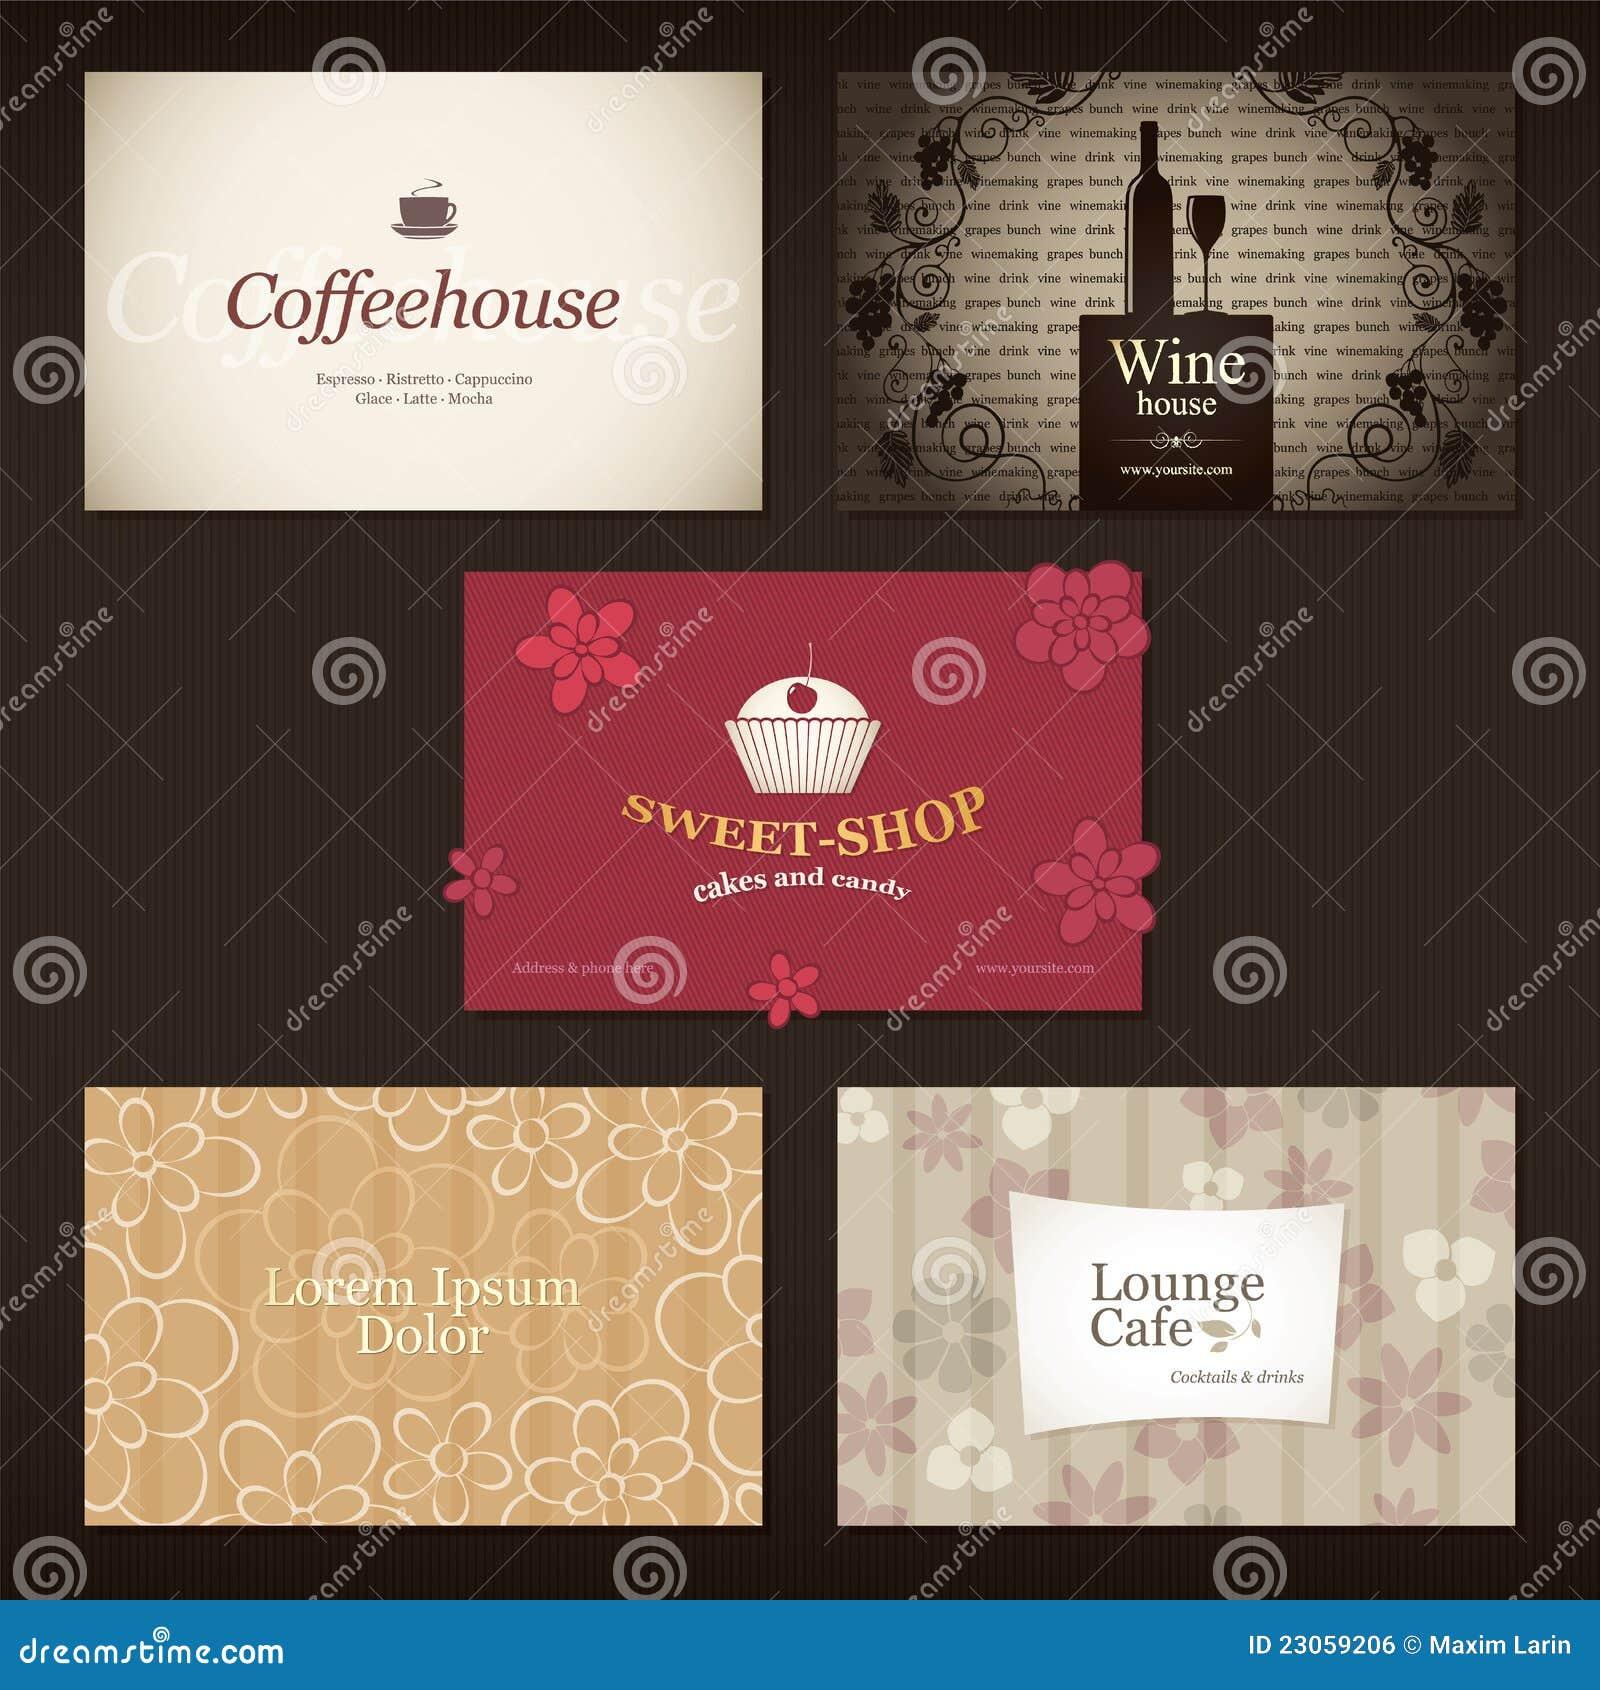 Cartes De Visite Professionnelle Pour Le Cafe Et Restaurant